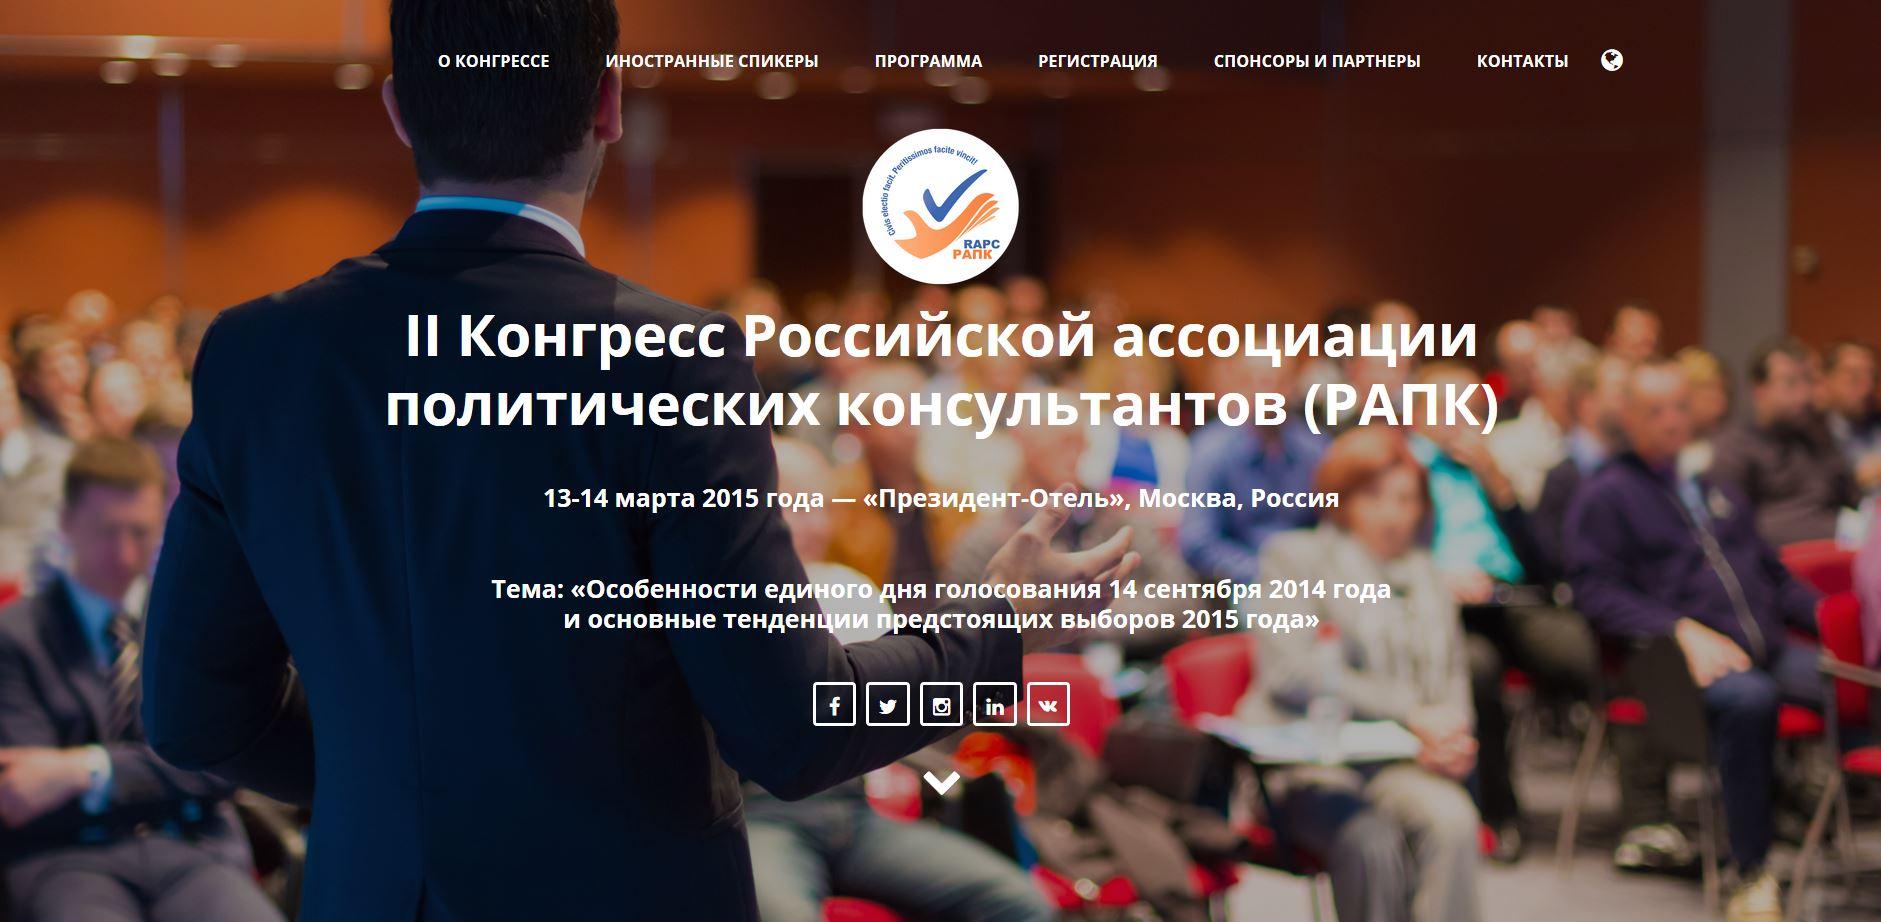 Официальный сайт II Конгресса РАПК — rapc-congress.ru